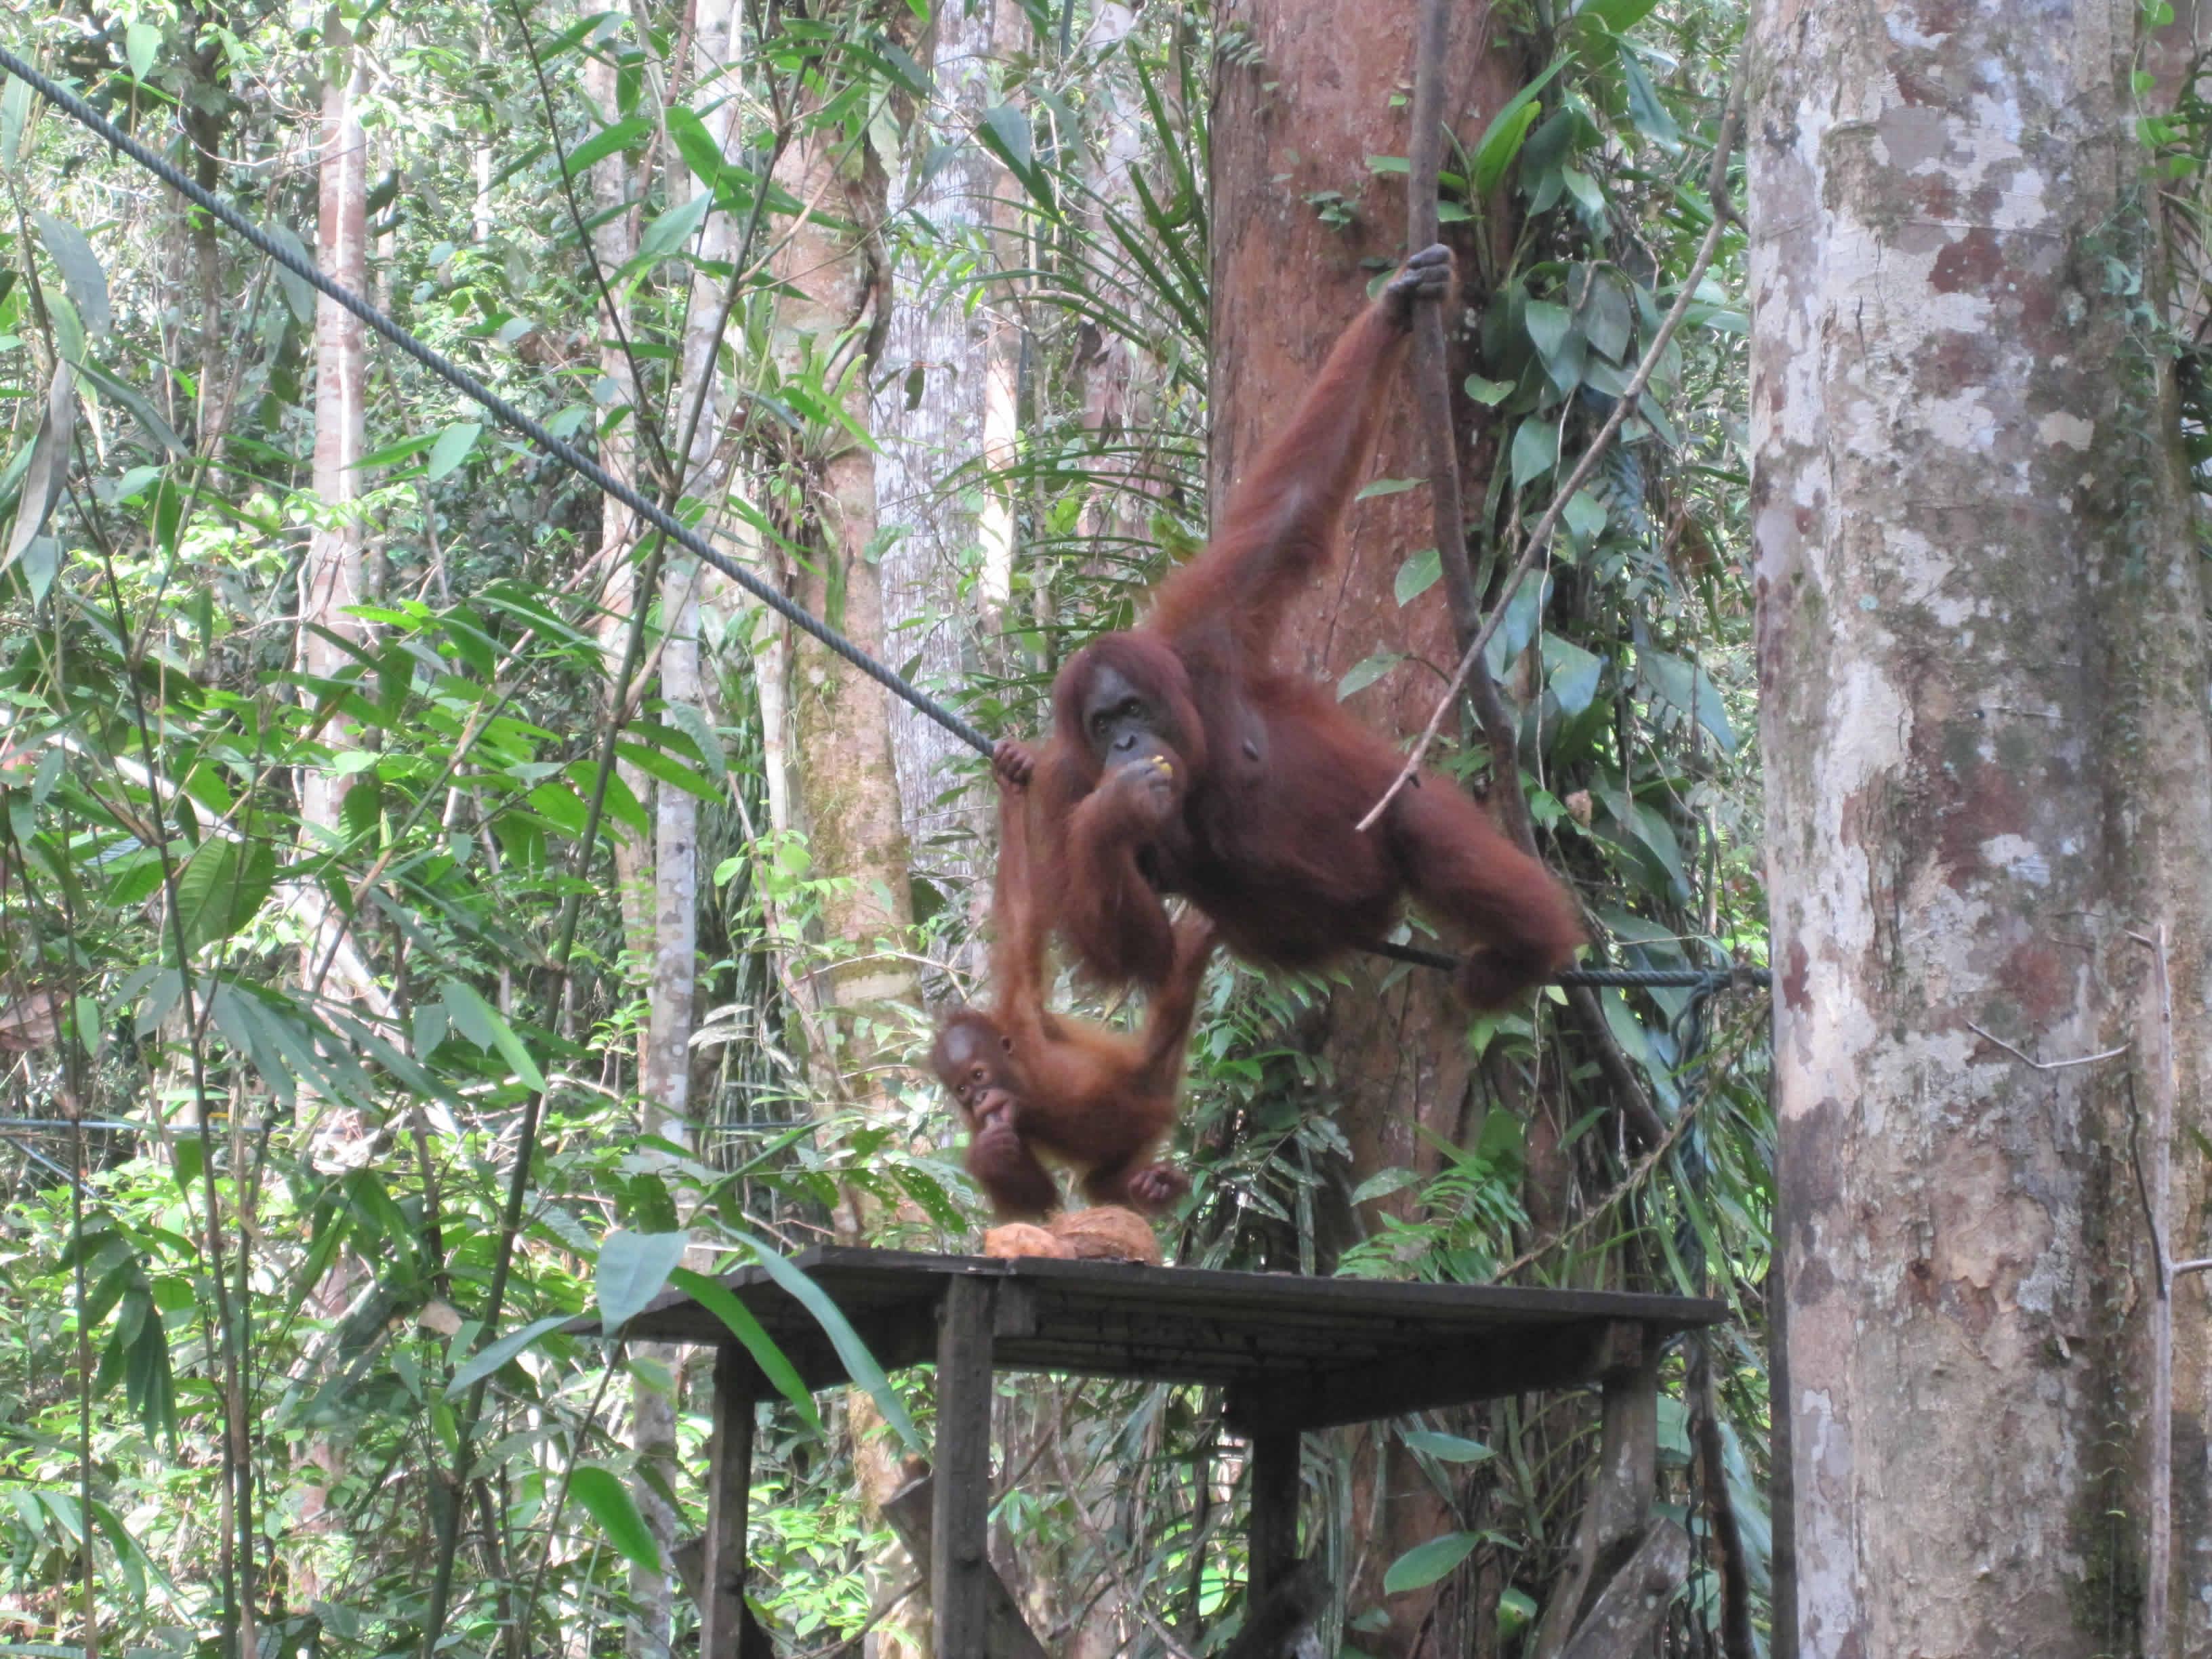 Attack of Adorableness – Orangutans!